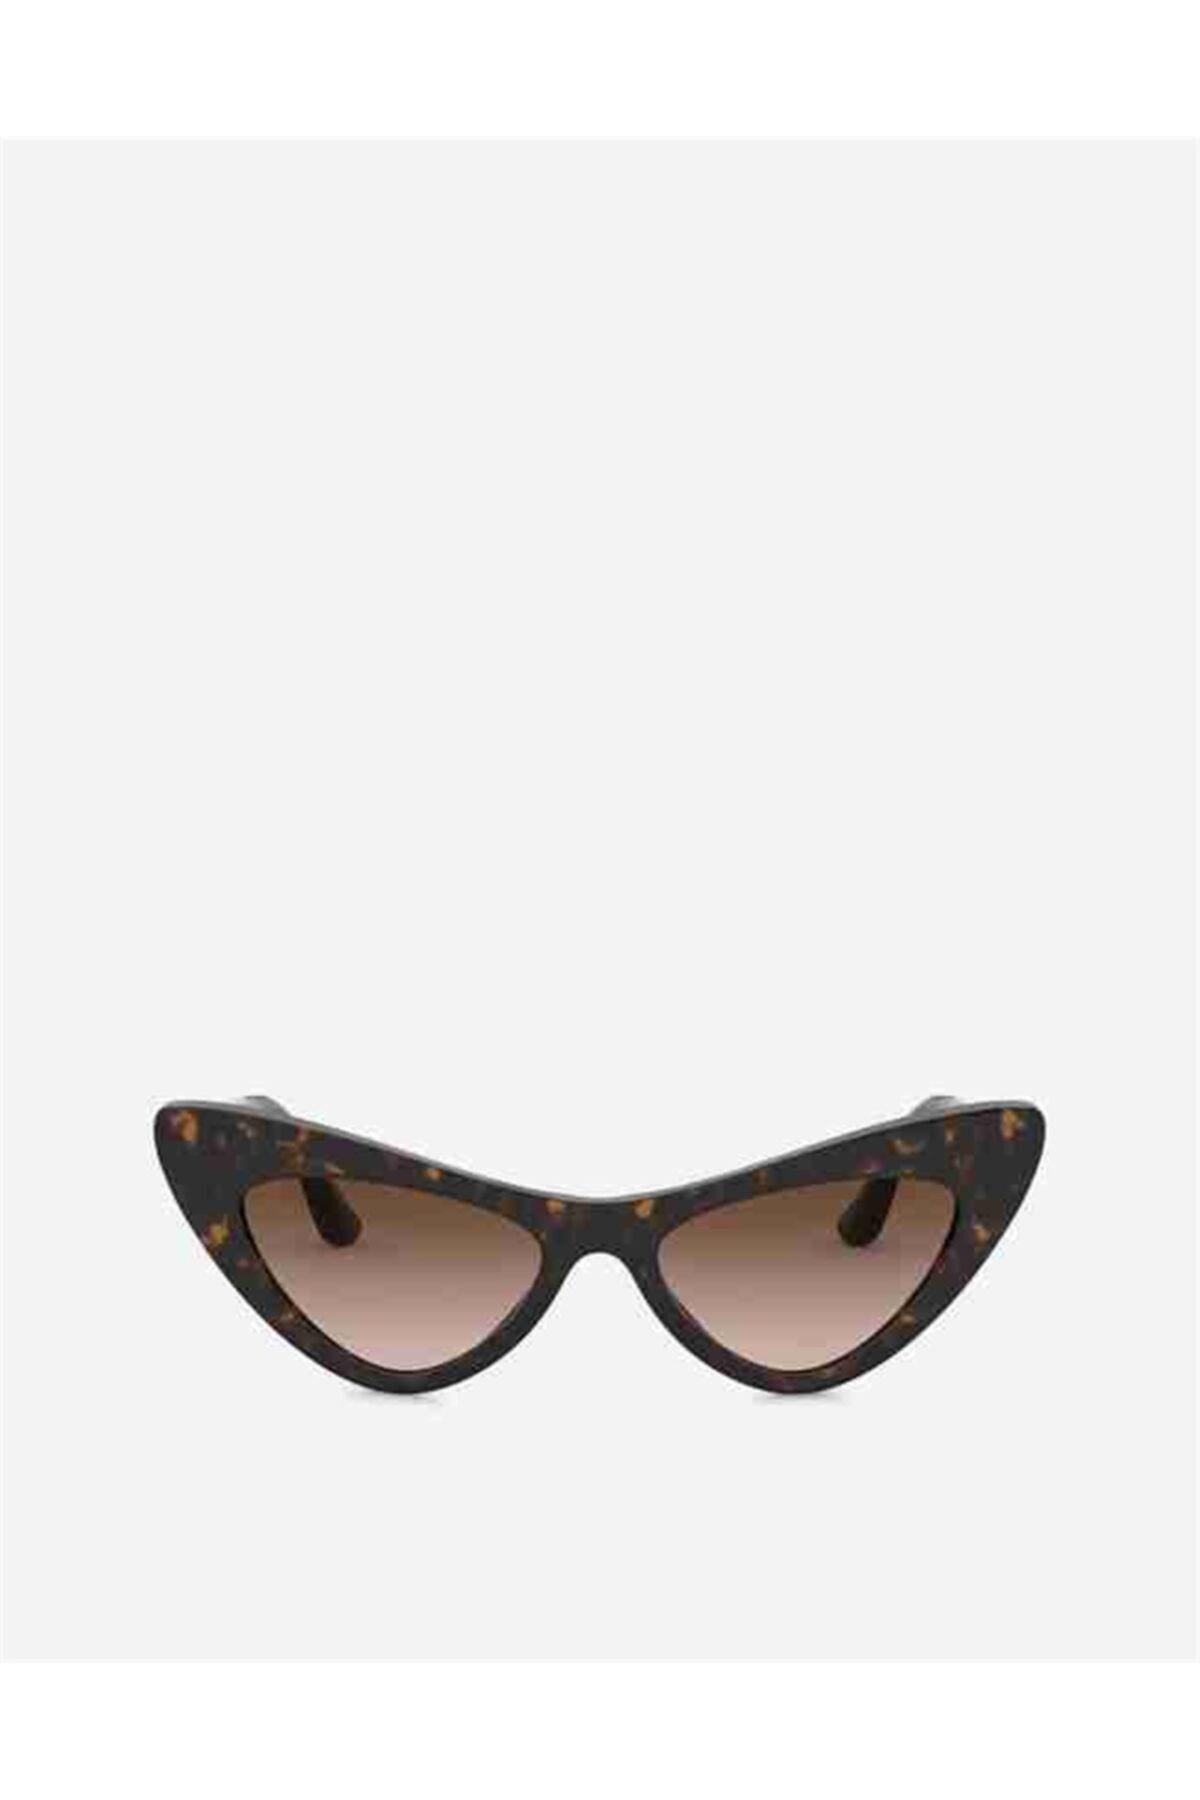 Dolce & Gabbana 4368 502/13 52 Ekartman Kadın Güneş Gözlüğü 2